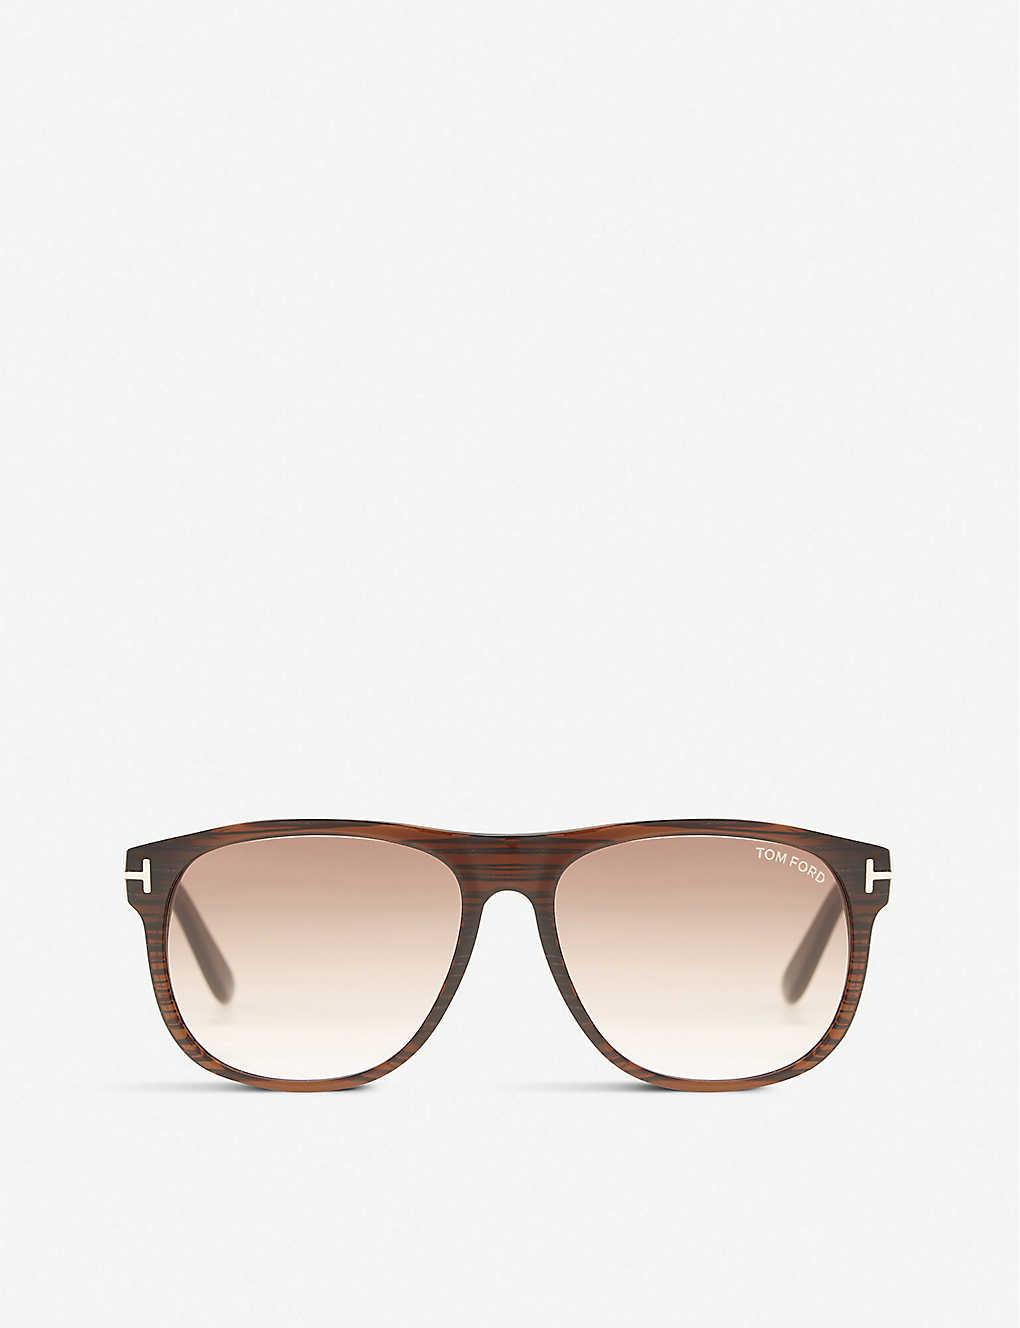 2b48011a125e2 TOM FORD - Olivier square-frame sunglasses